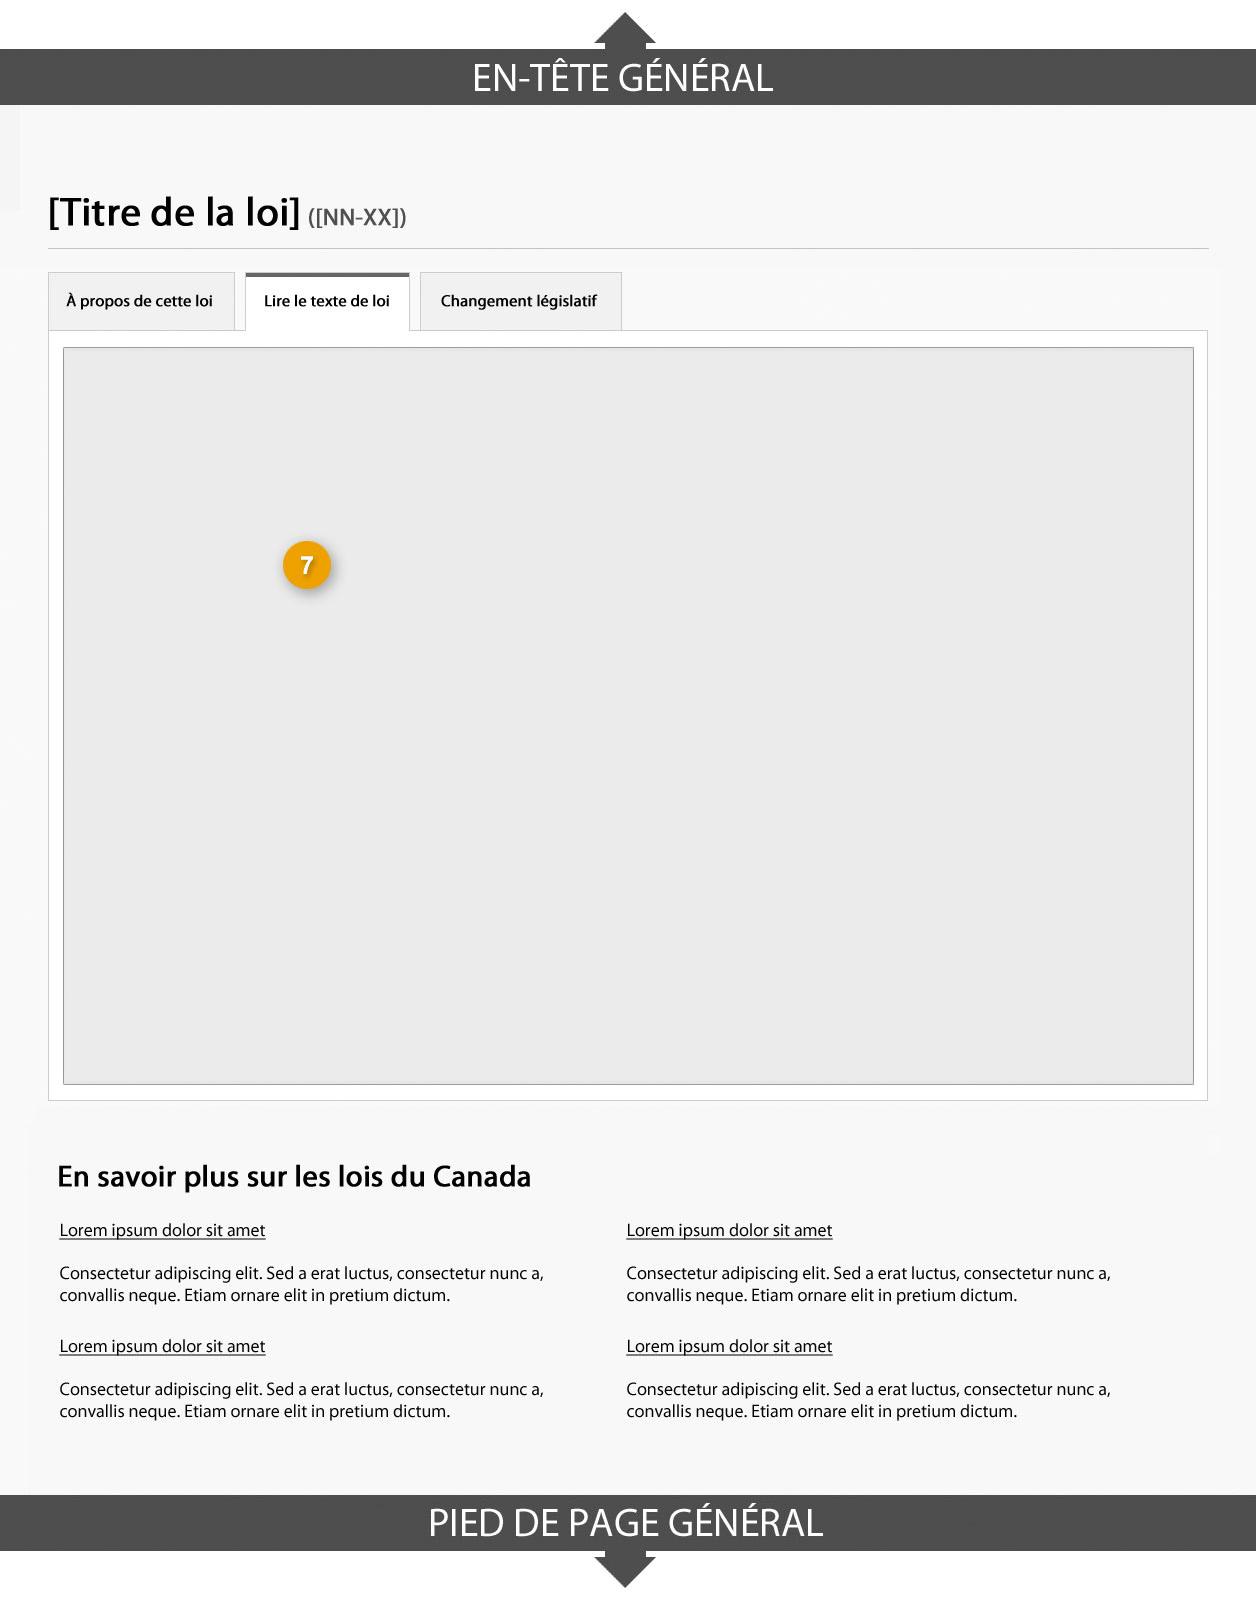 Modèle de page de profil des lois affichant l'onglet «Lire les lois». Lire de haut en bas et de gauche à droite. Plus de détails au sujet de ce graphique se retrouvent dans le texte entourant l'image.